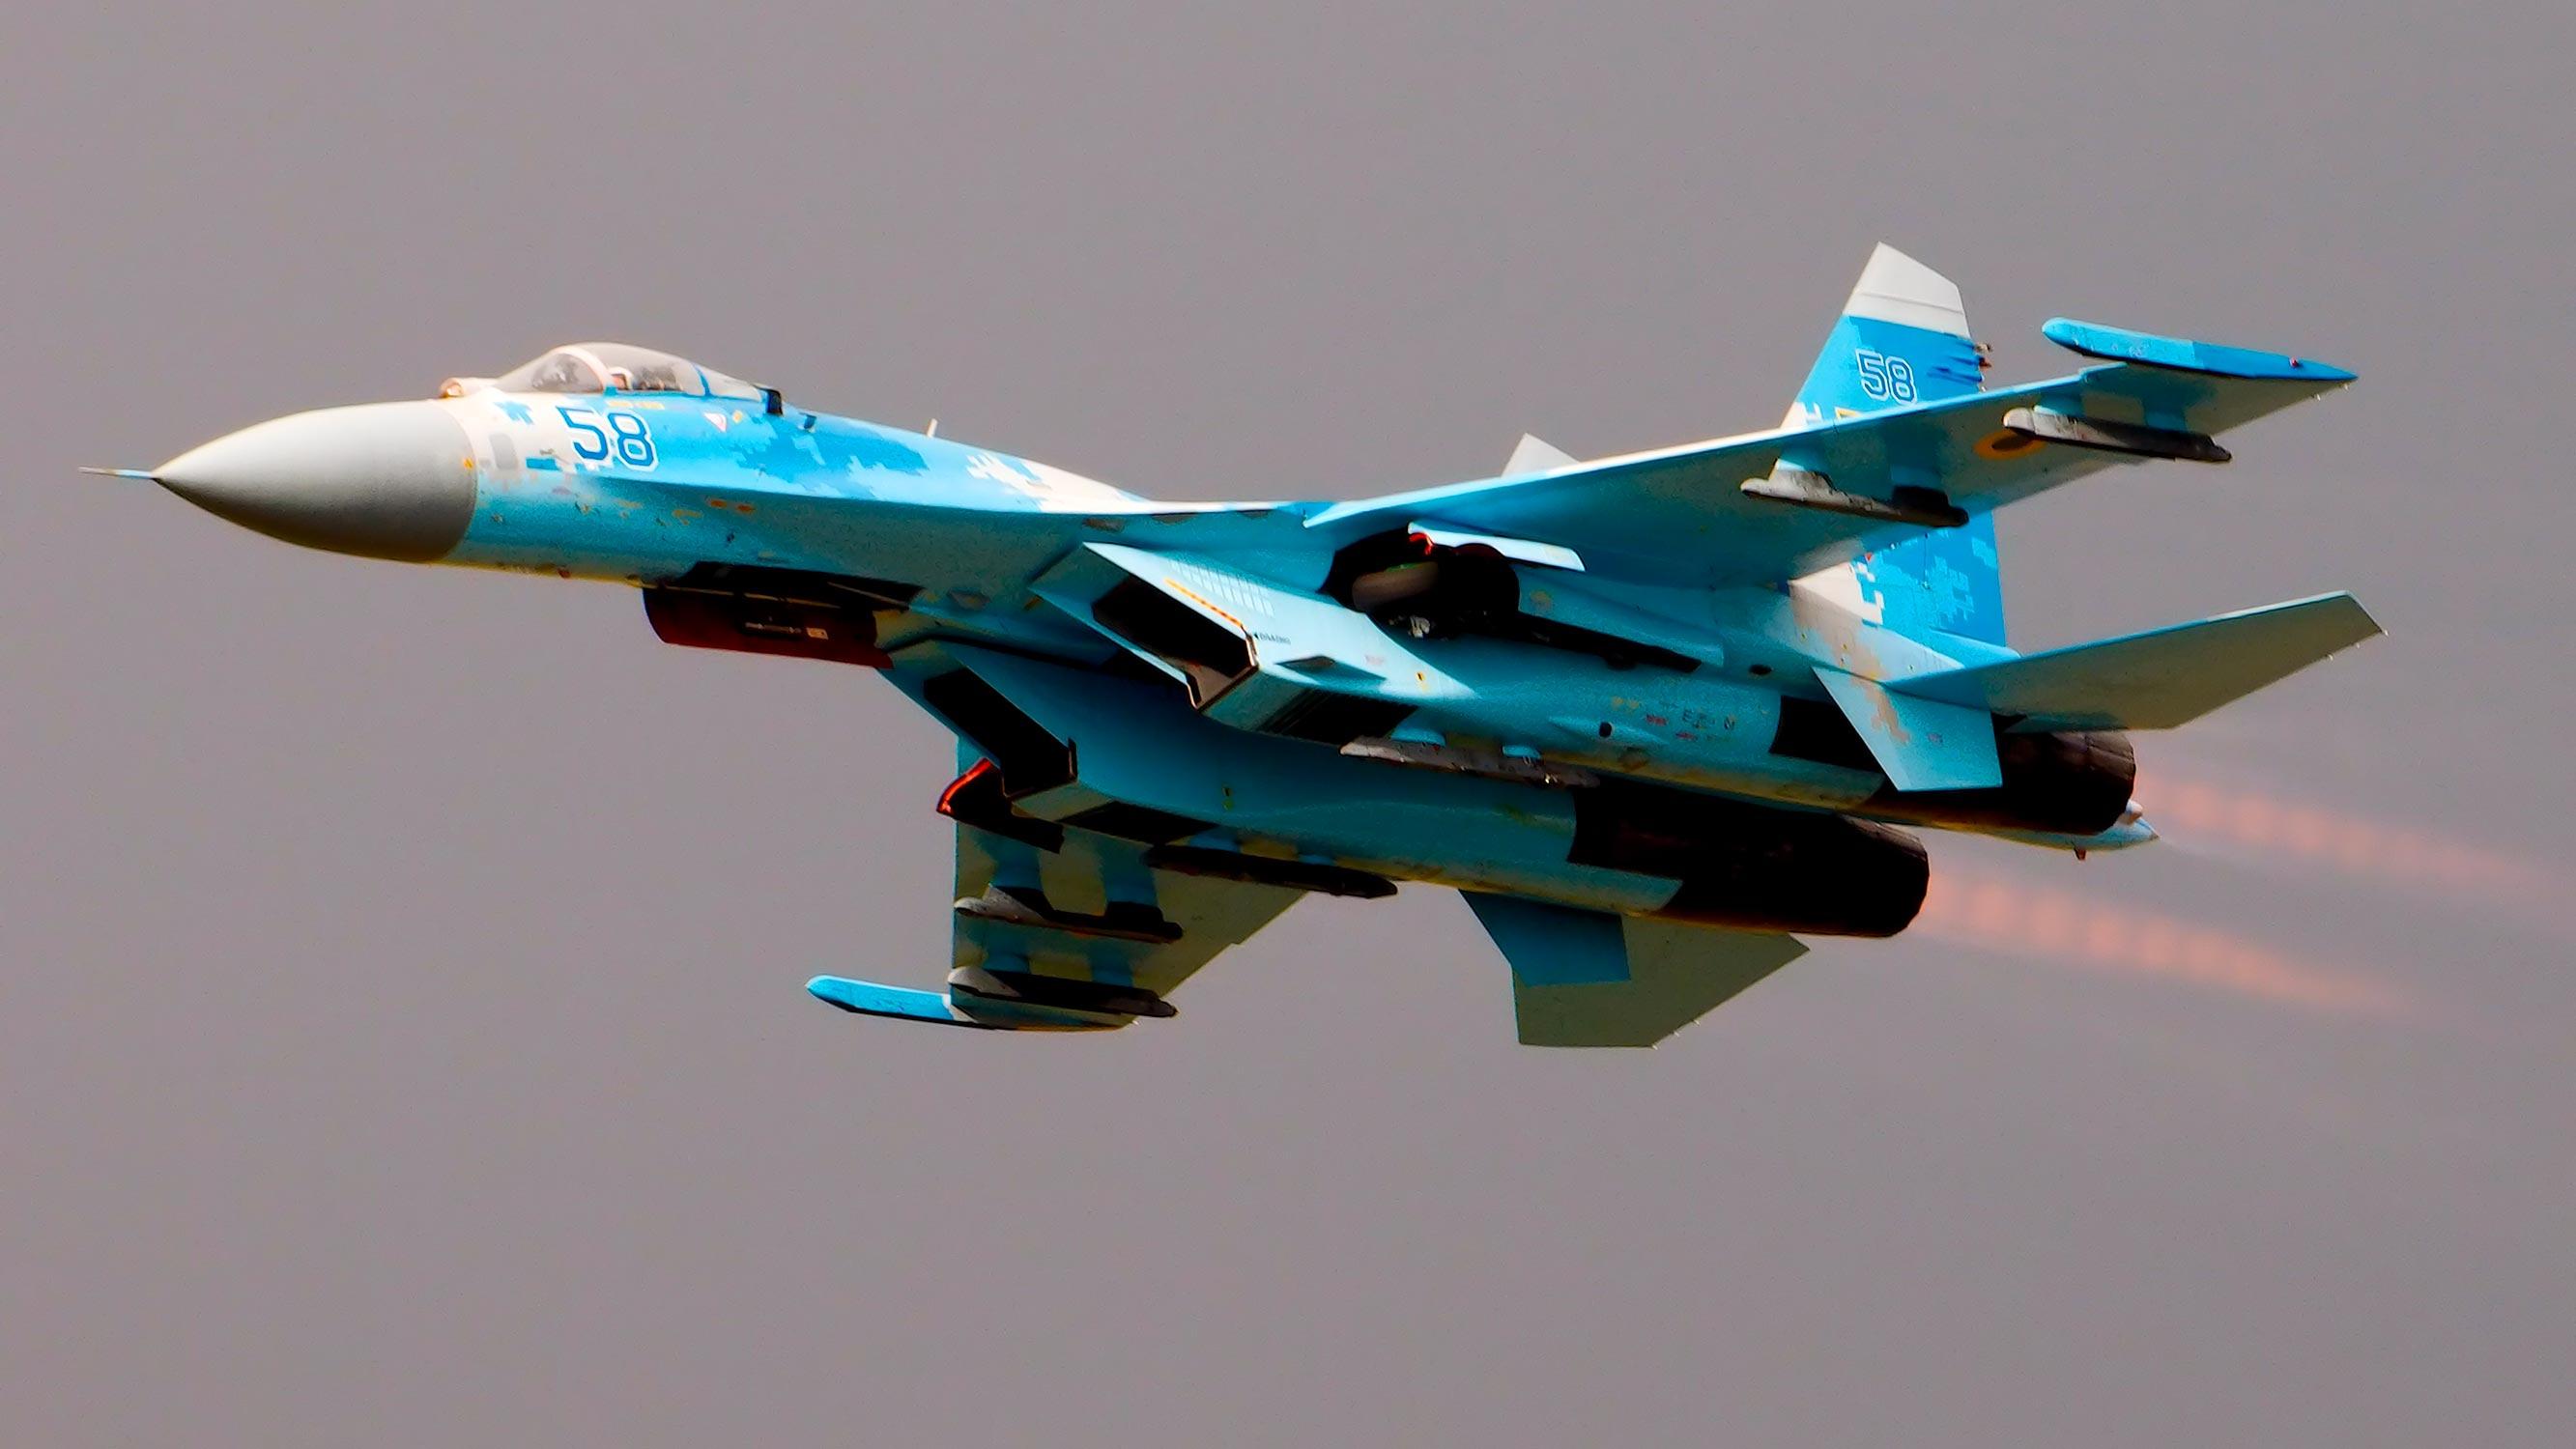 两个月前才刚摔一架:乌克兰又1架苏27战机坠毁